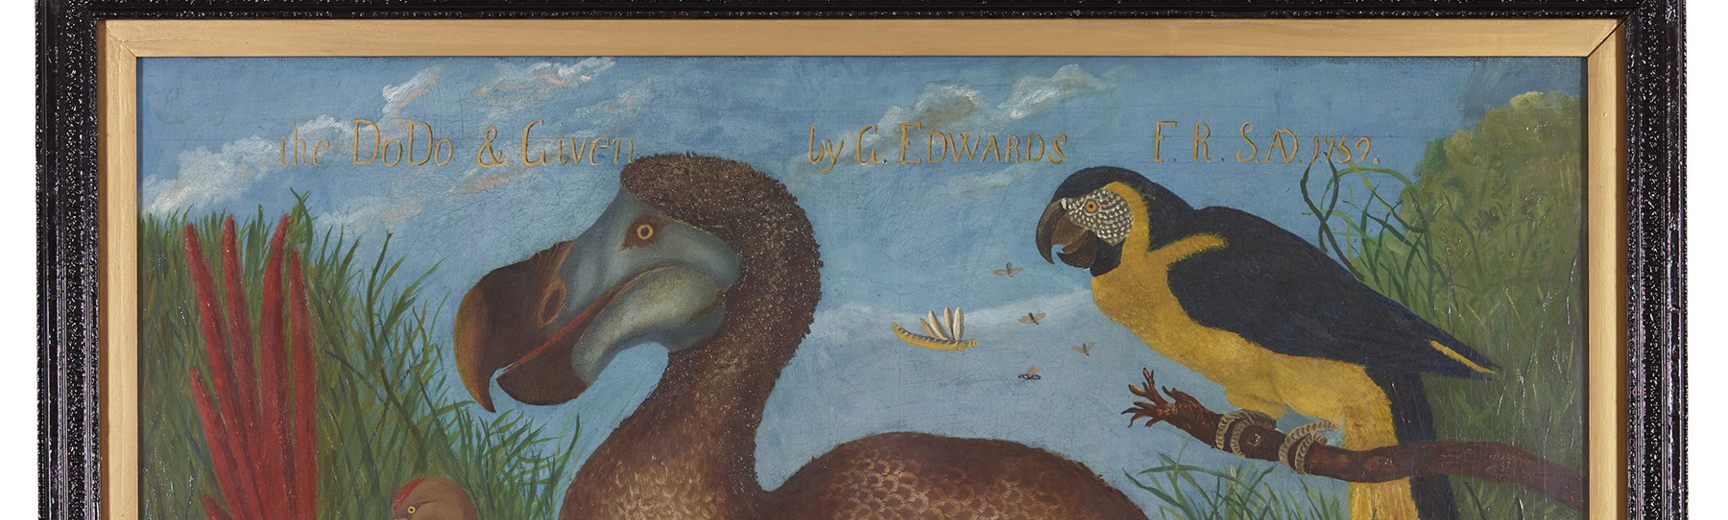 Edwards' Dodo